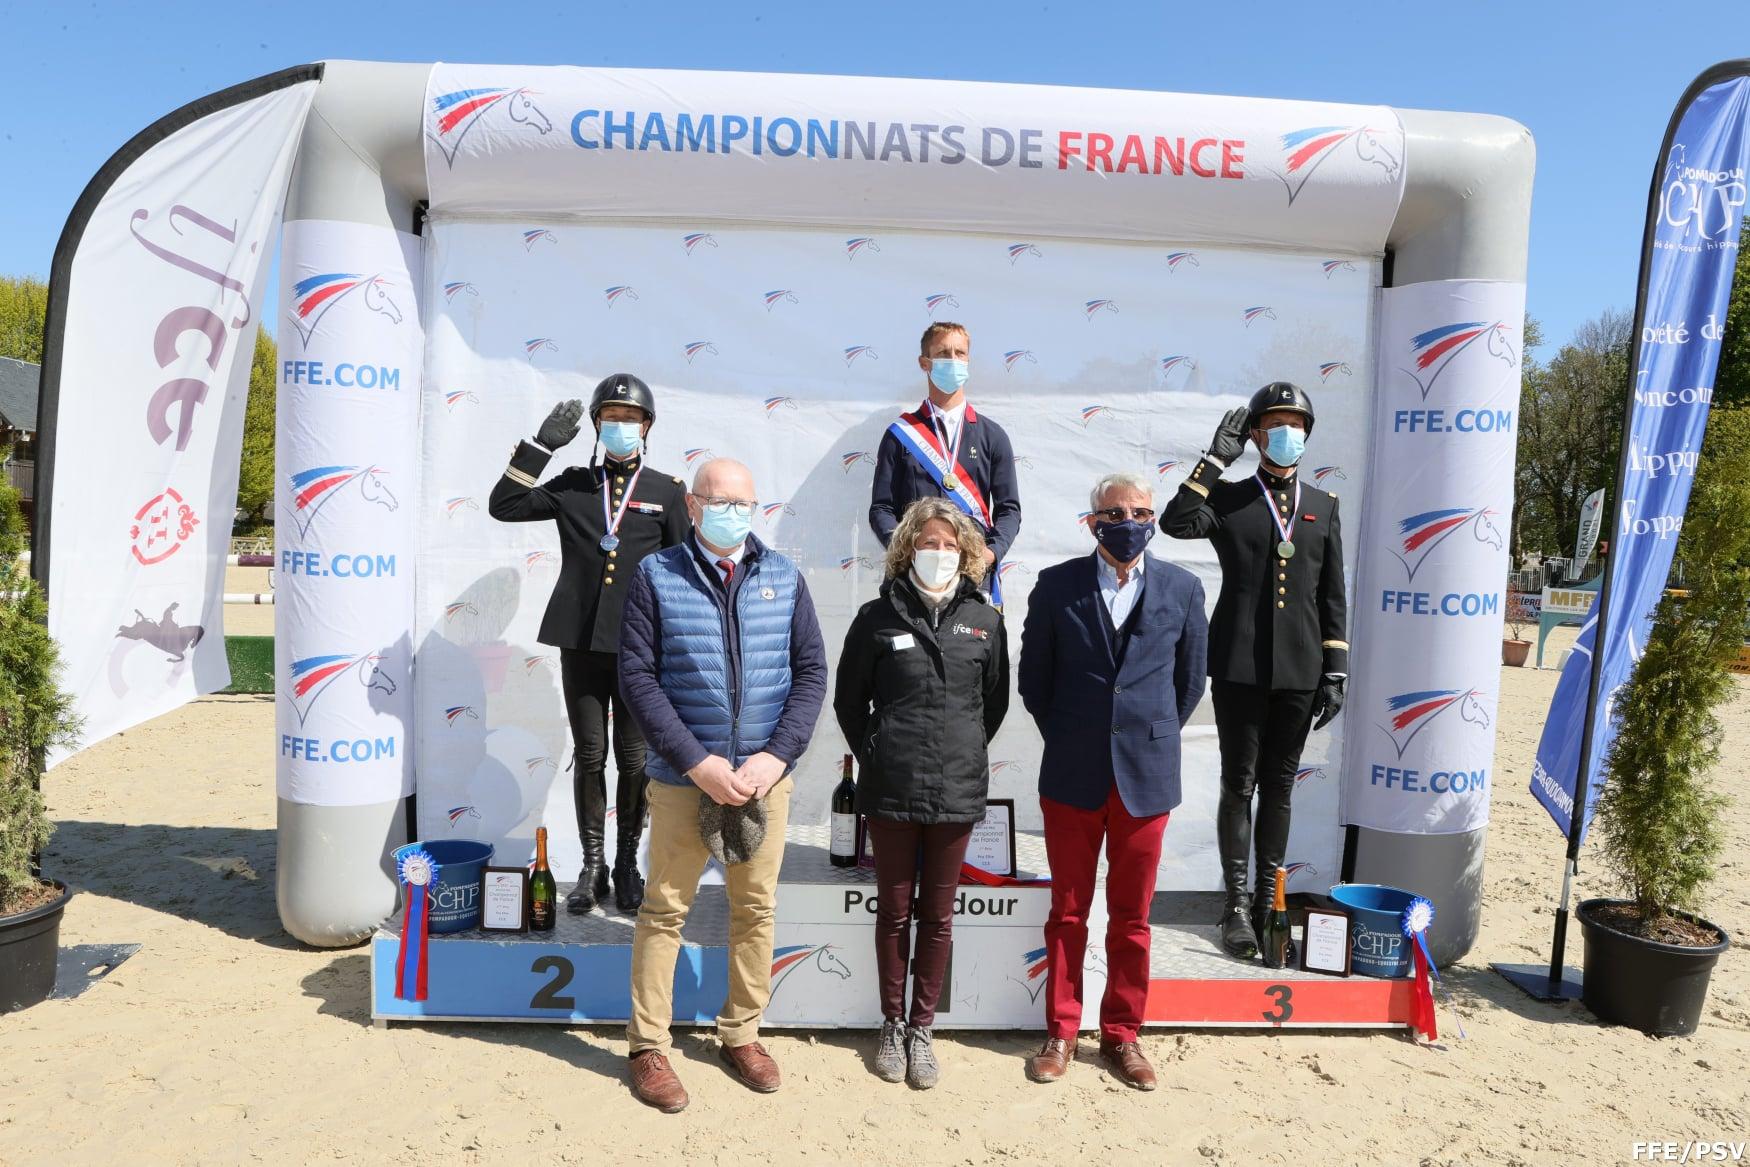 Des championnats de France et un Grand National qui mettent à l'honneur les cavaliers ligériens